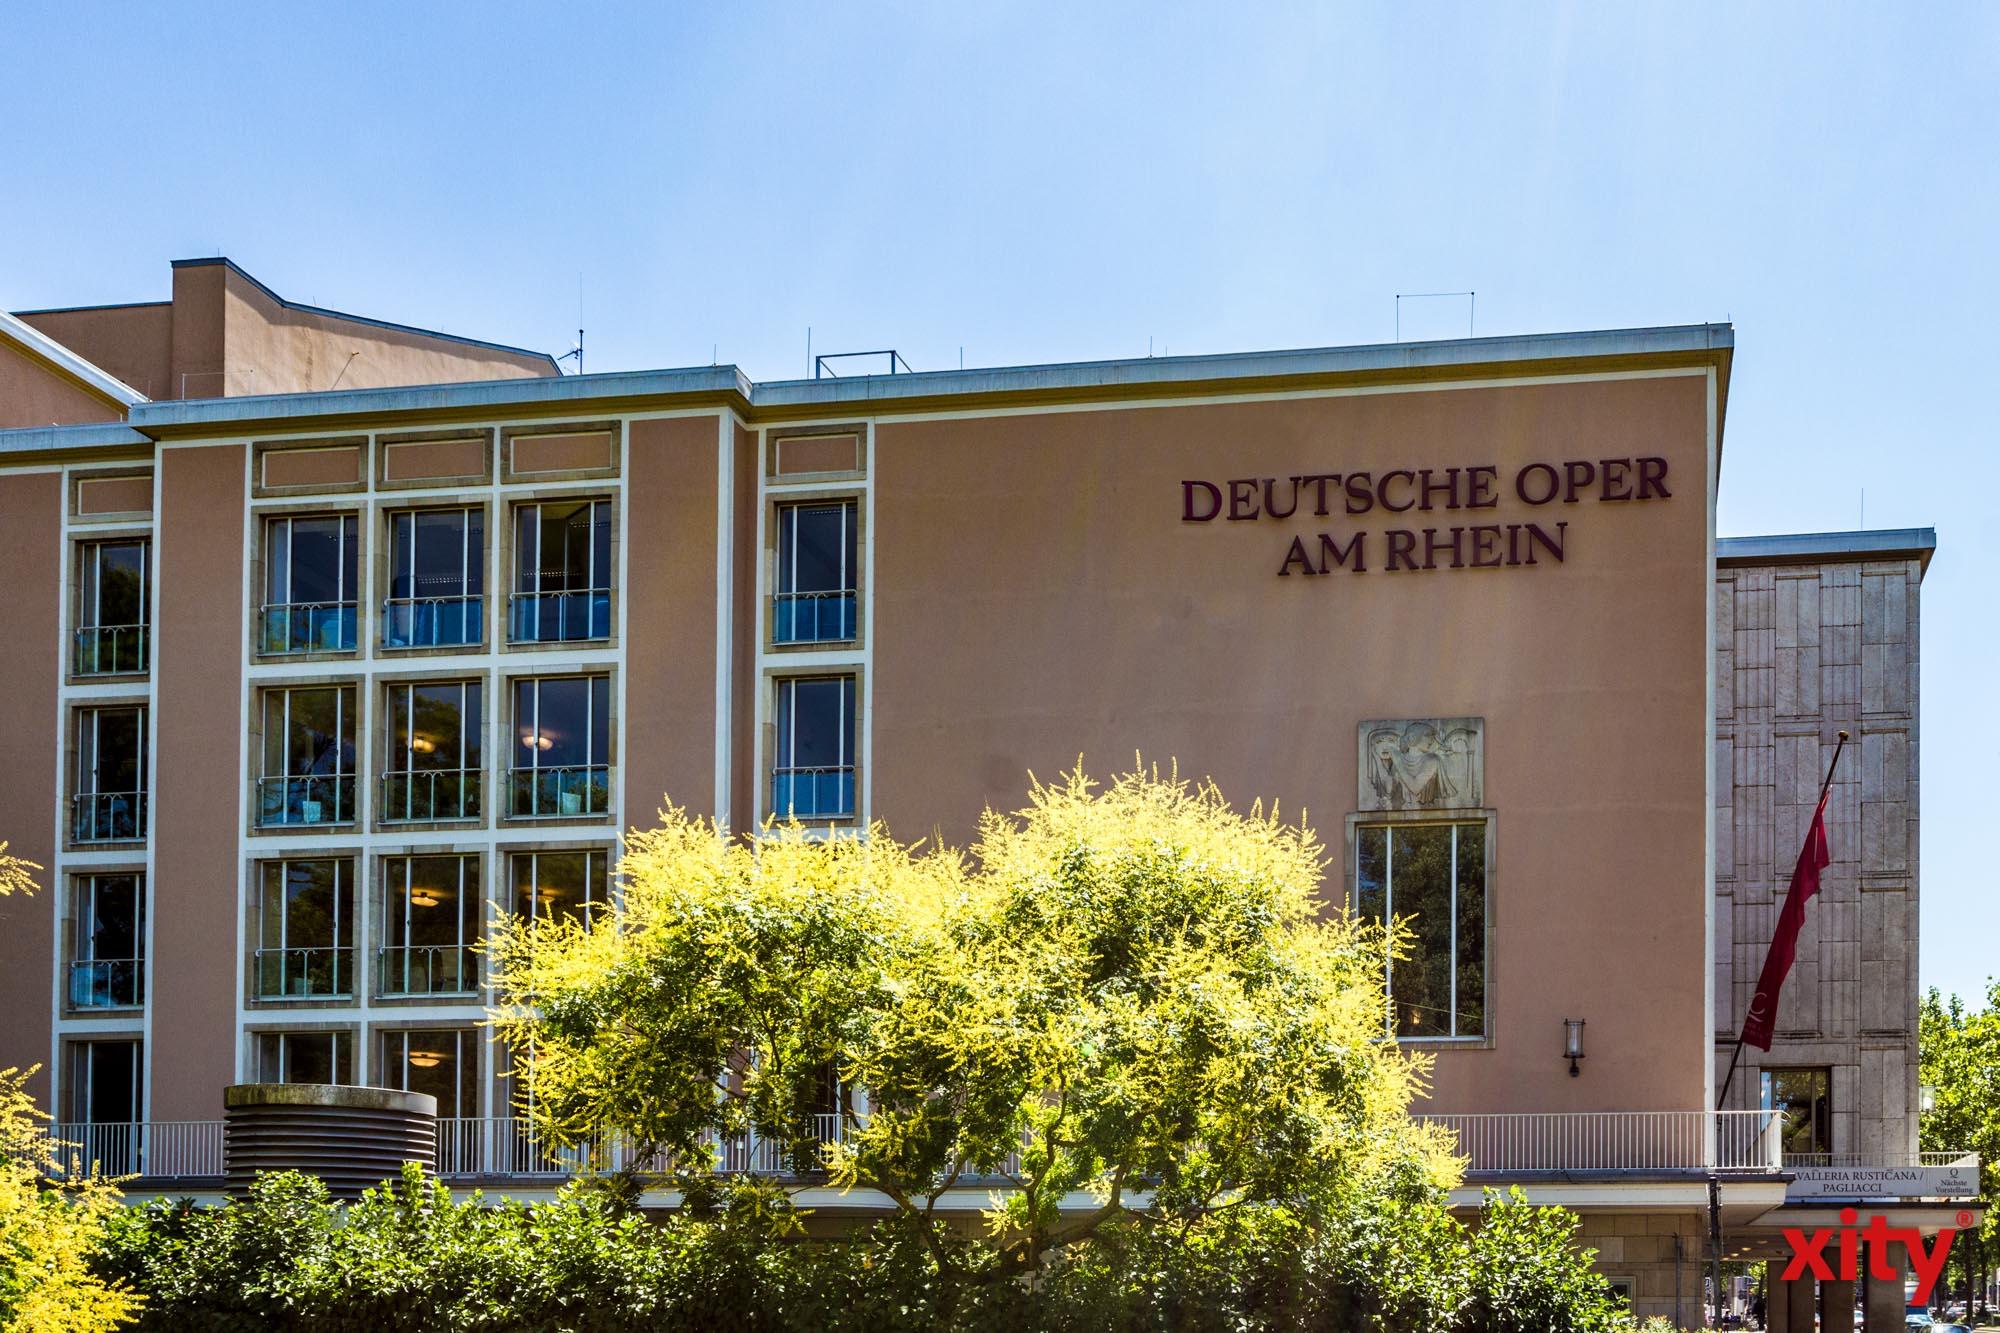 Zukunft des Düsseldorfer Opernhauses: Vorbereitungen zum Bürgerinnen- und Bürgerrat starten (Foto: xity)